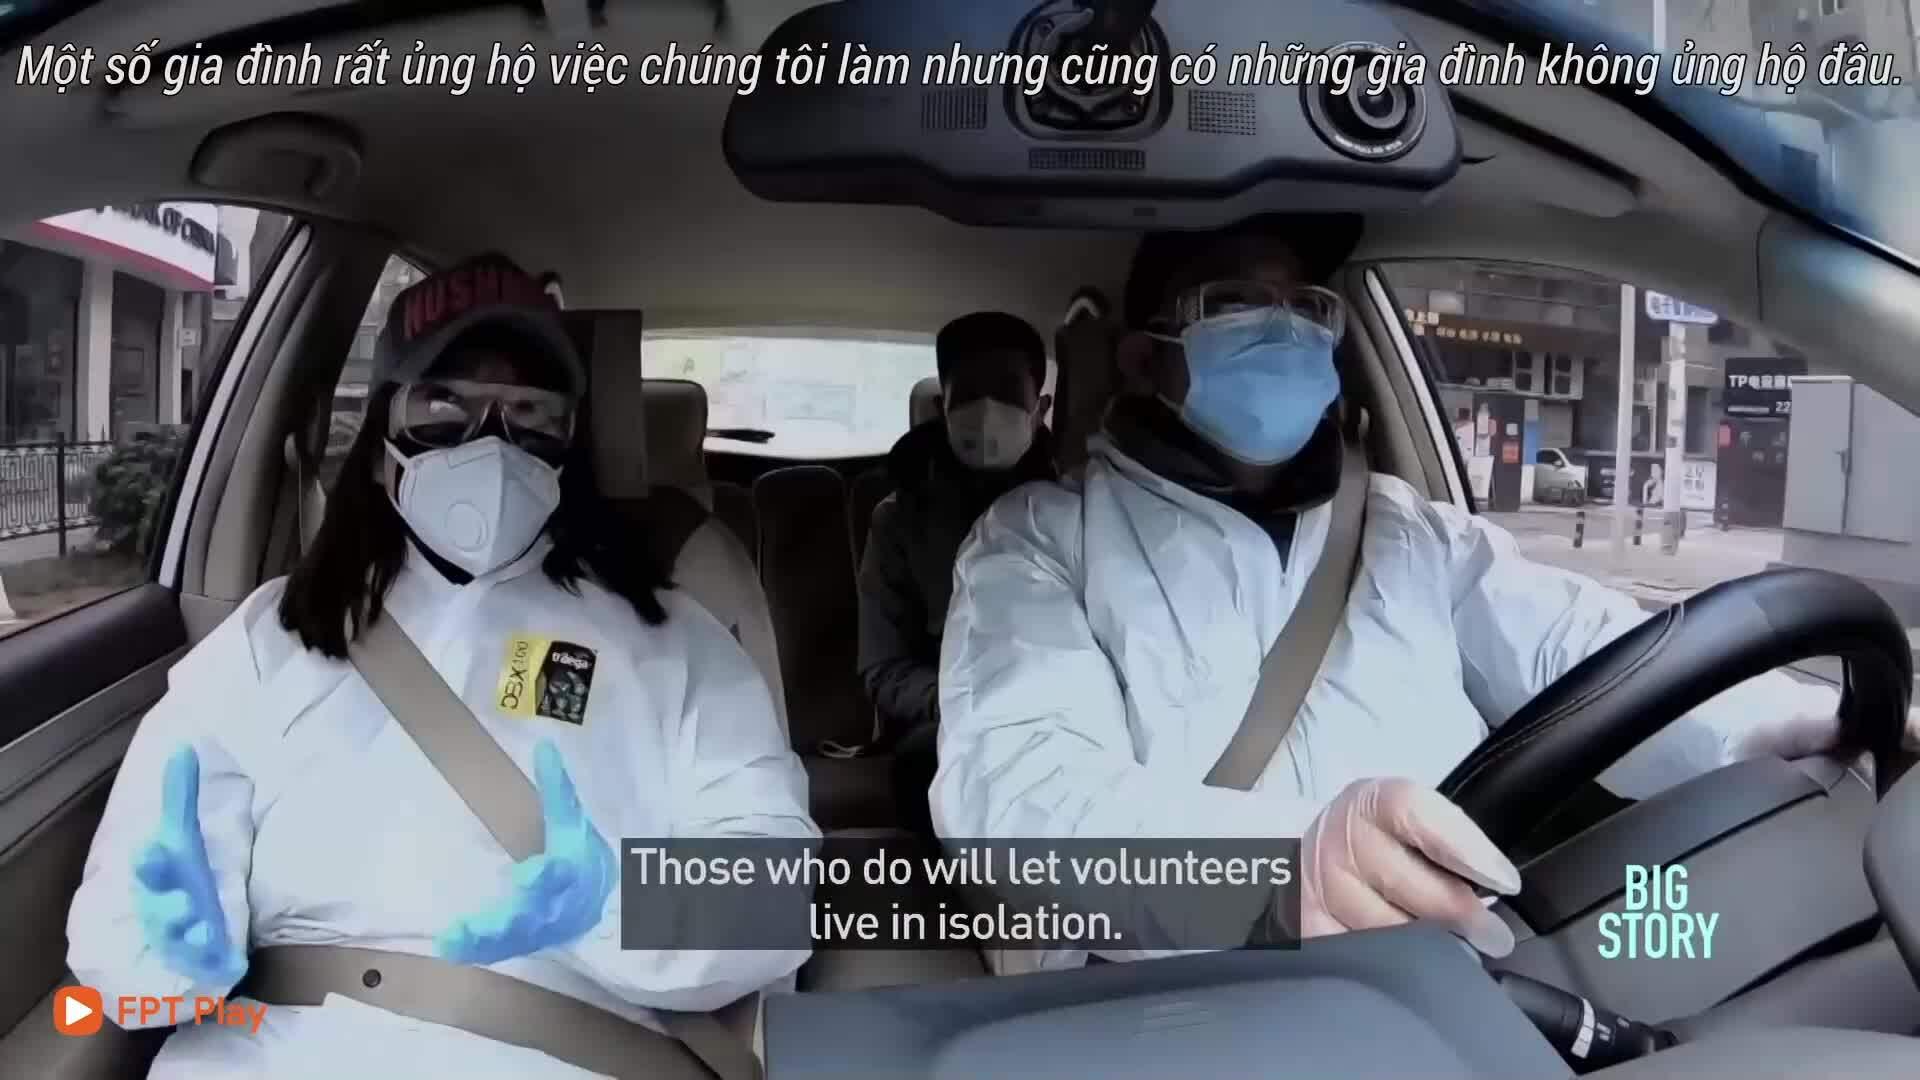 Trích đoạn phim tài liệu về tình nguyện viên ở Vũ Hán